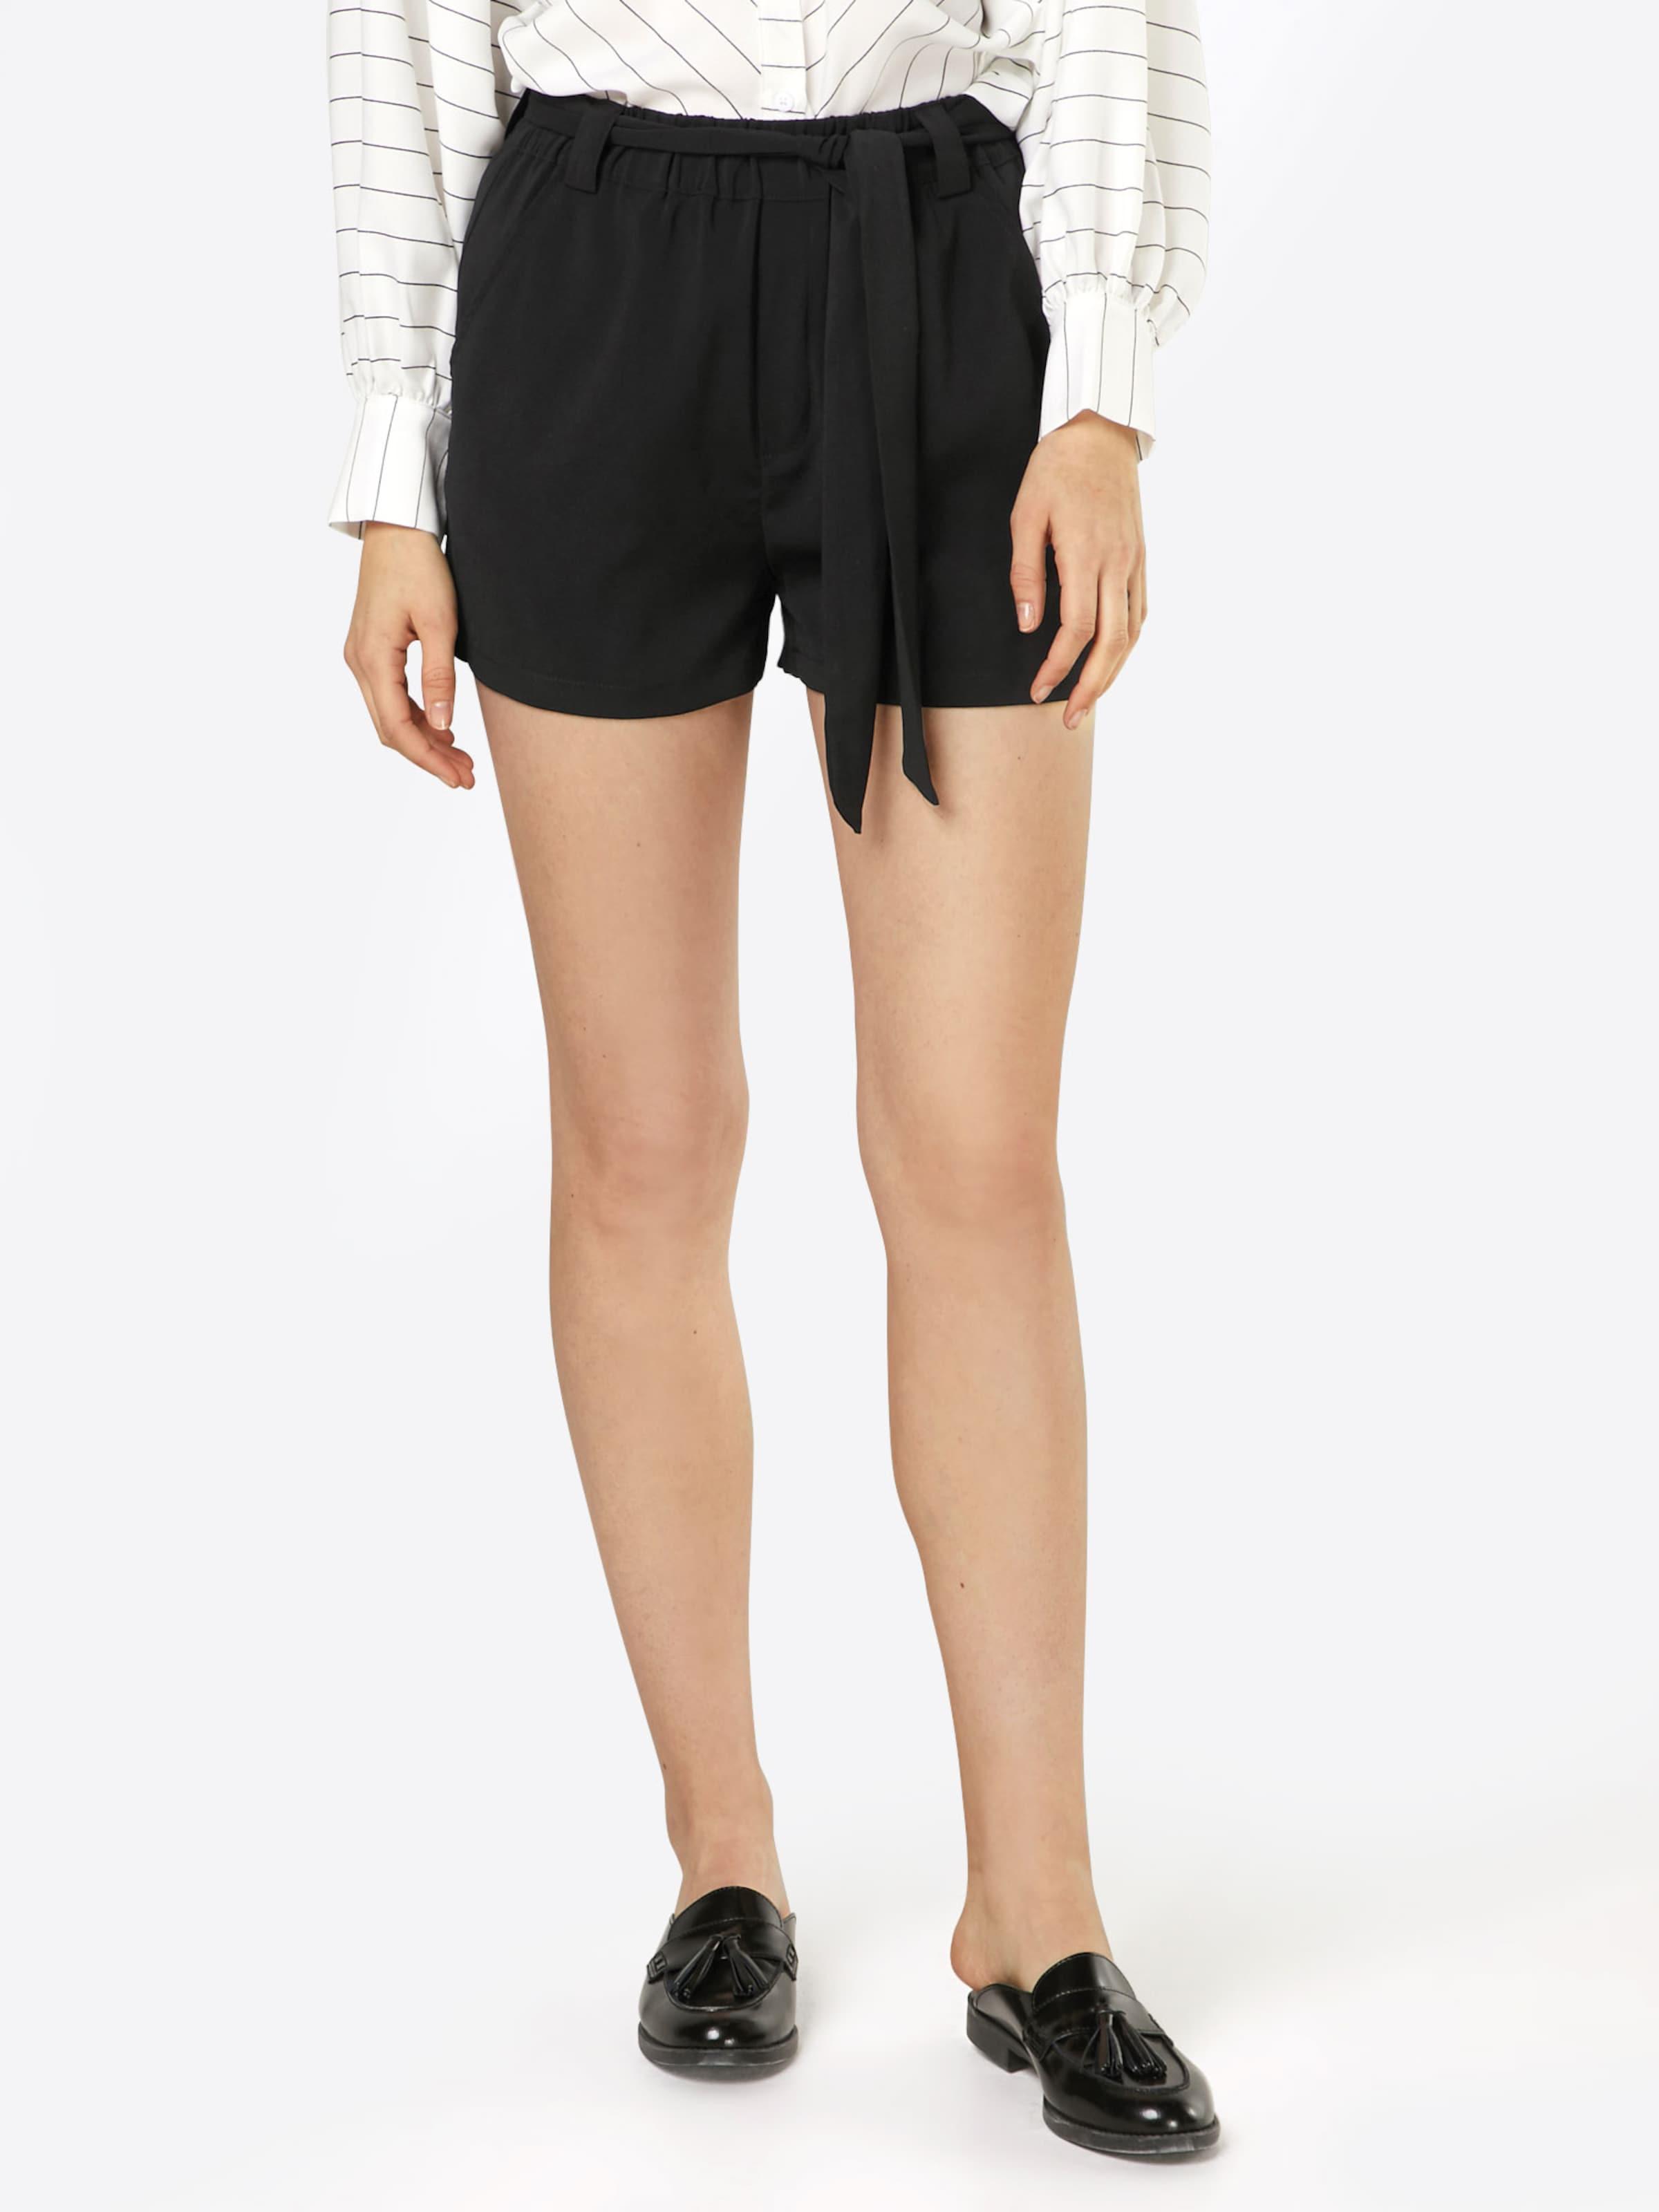 In Juanita' Mbym Schwarz Juanita' 'shorts Schwarz 'shorts Mbym In OPkTXiZu